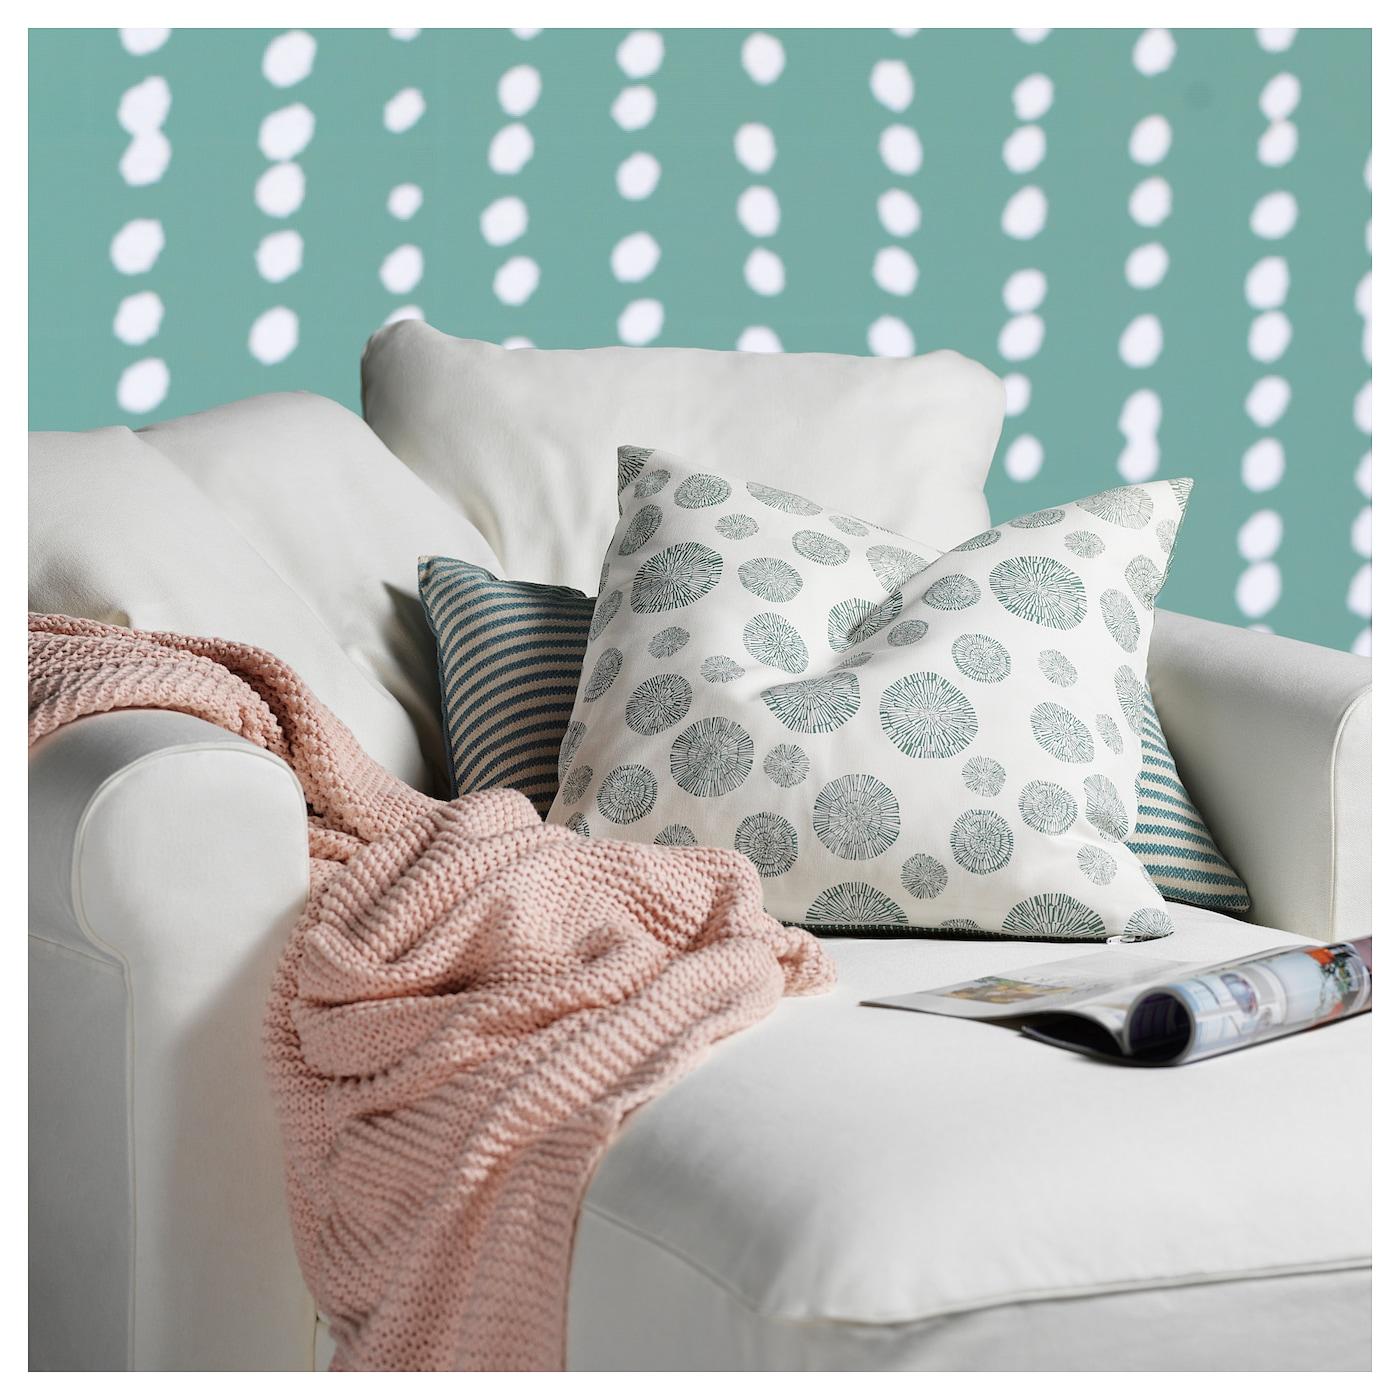 IKEA INGABRITTA throw Soft knitted throw that feels nice against the skin. f05a69ddada1